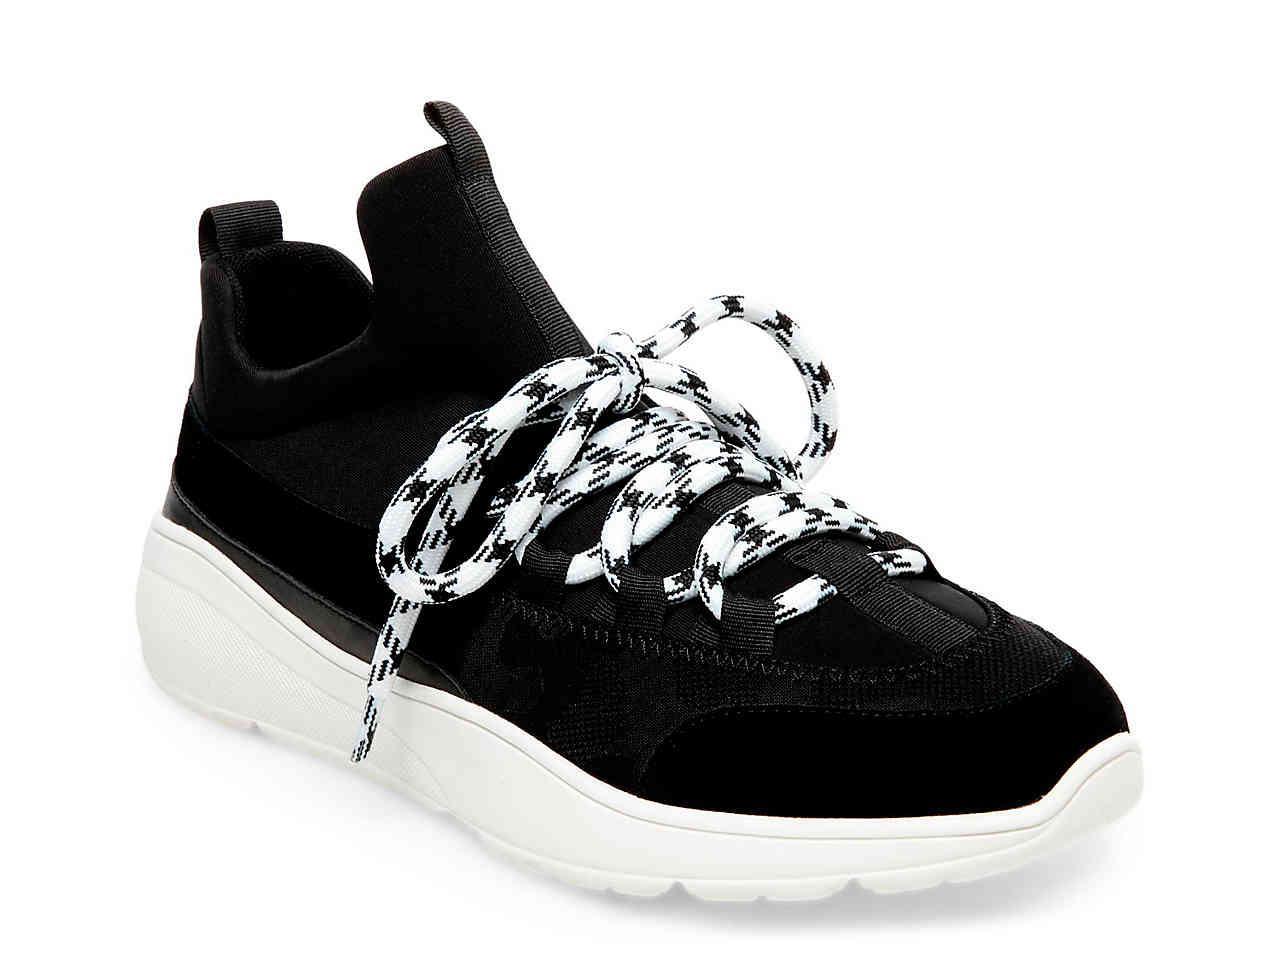 Steve Madden Neoprene Baltic Sneaker in